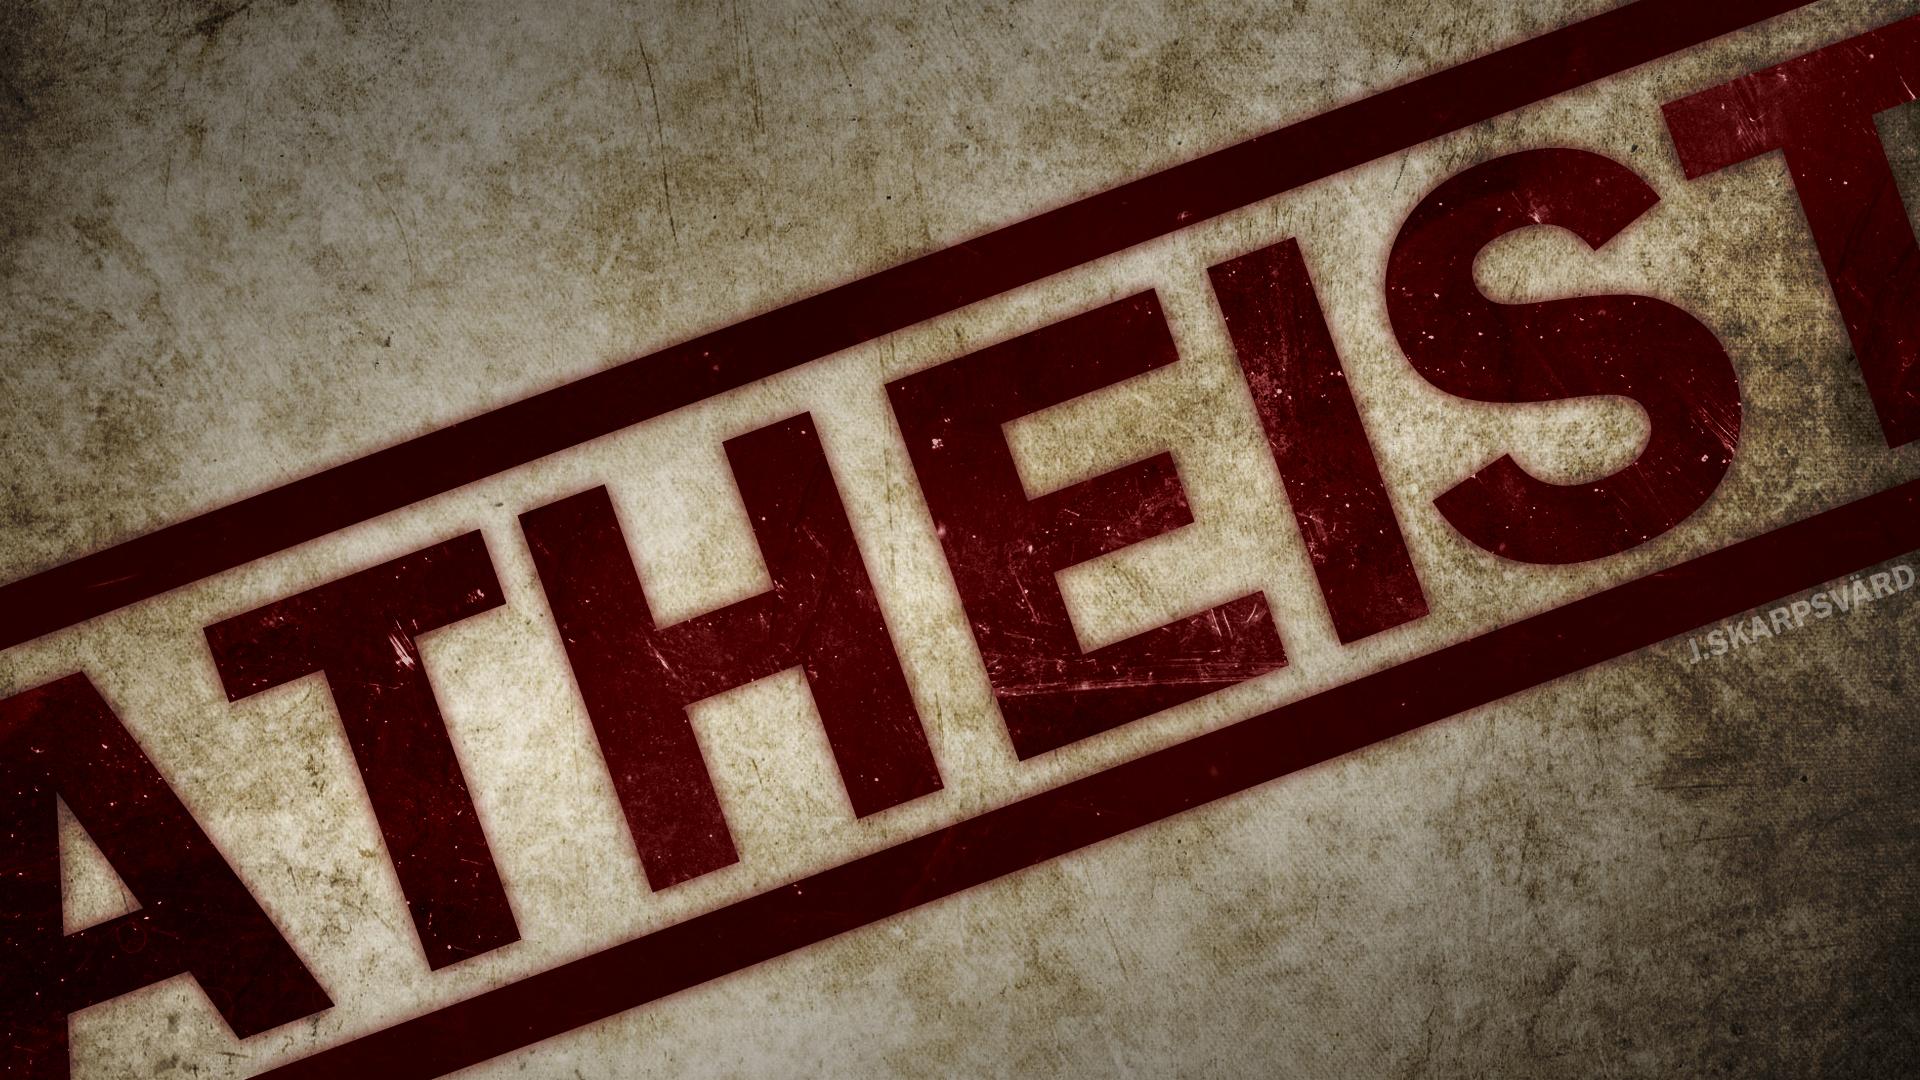 Atheism computer wallpapers desktop backgrounds - Atheist desktop wallpaper ...